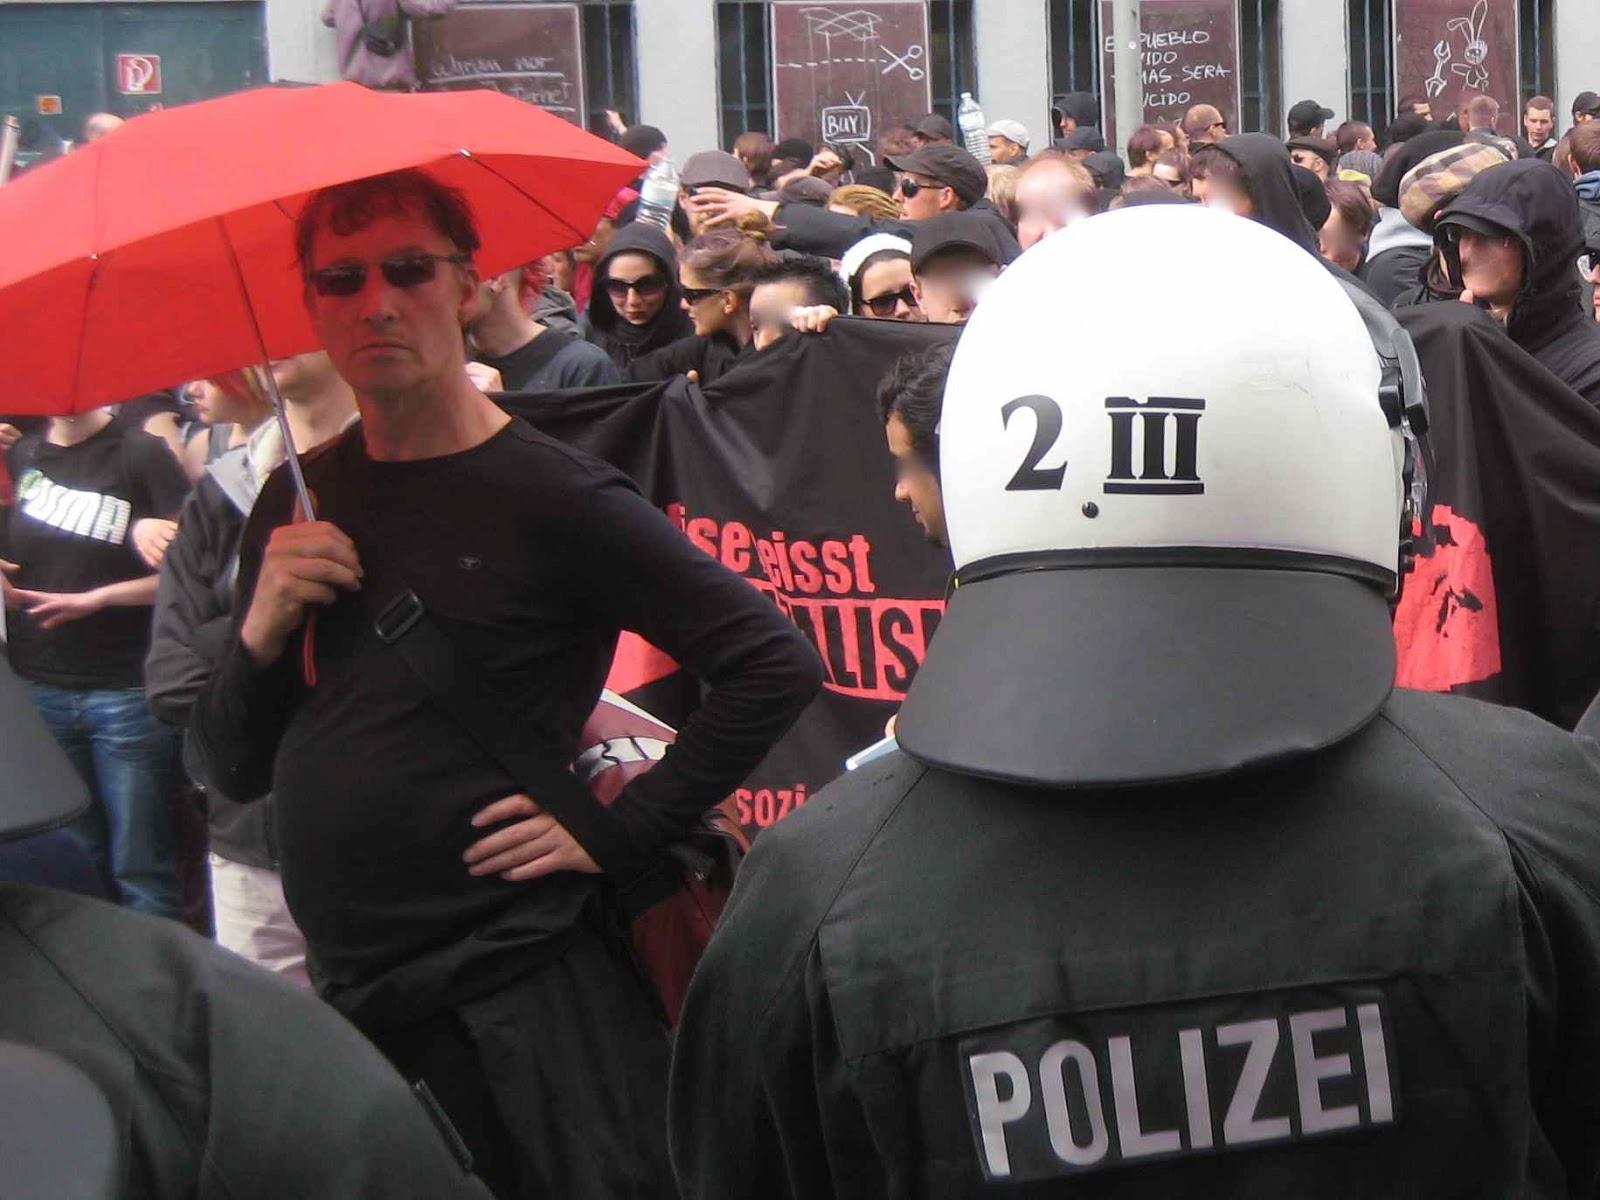 Schutz der bevölkerung gegen aktive bewaffnung der polizei